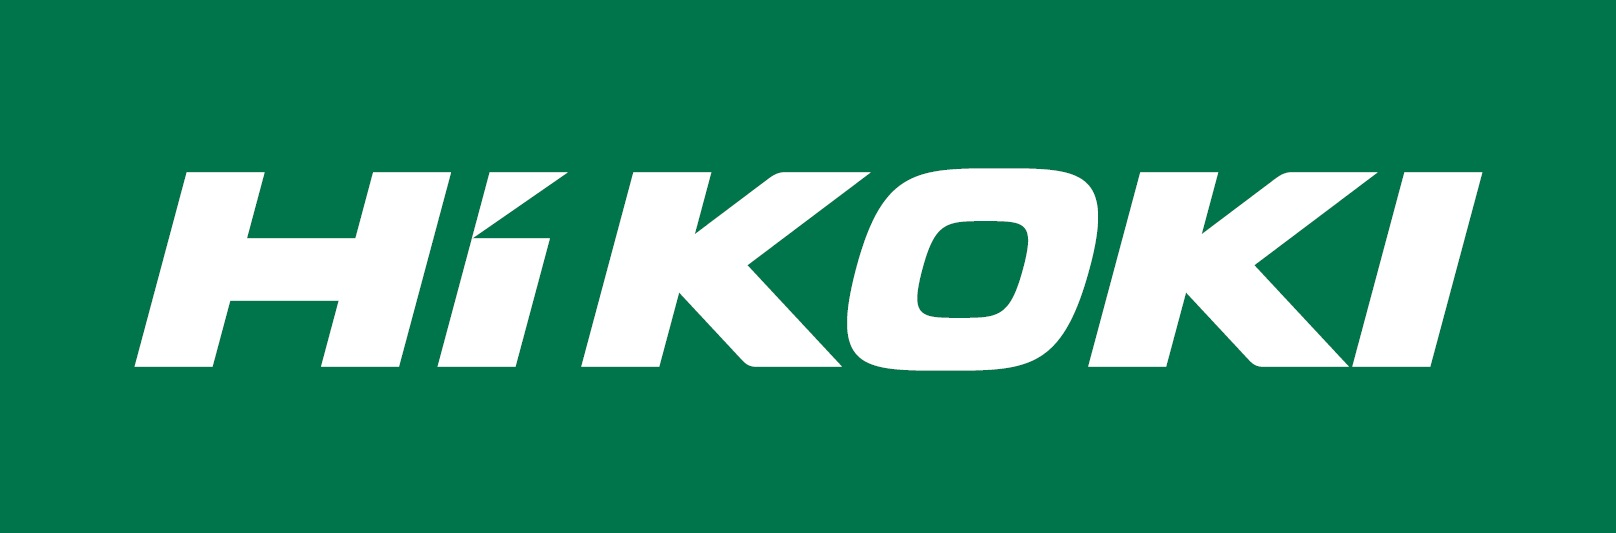 HiKOKI(日立工機)ロゴ